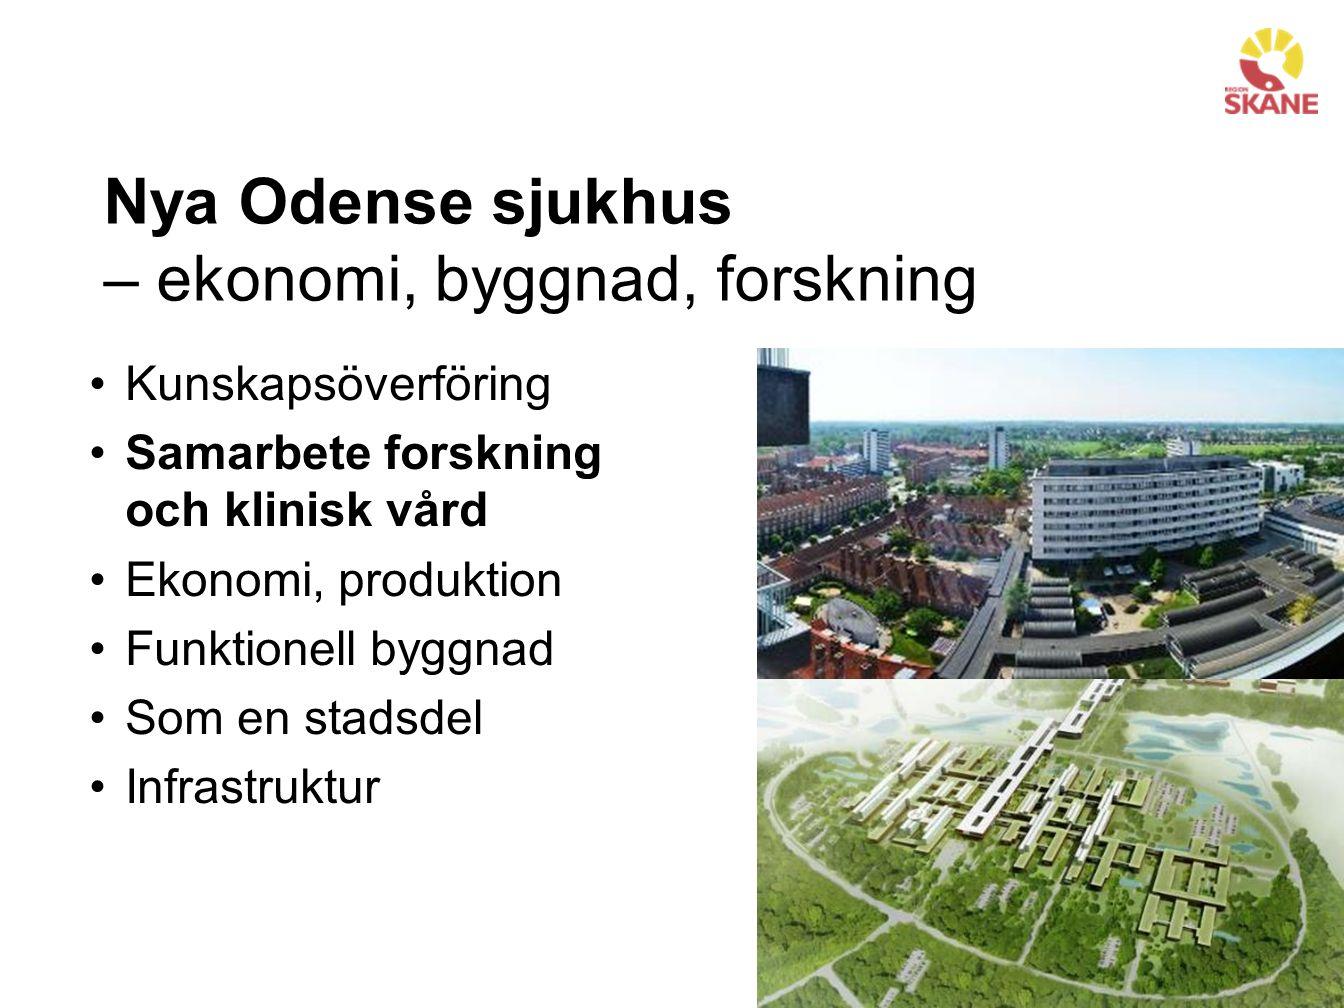 Nya Odense sjukhus – ekonomi, byggnad, forskning Kunskapsöverföring Samarbete forskning och klinisk vård Ekonomi, produktion Funktionell byggnad Som en stadsdel Infrastruktur